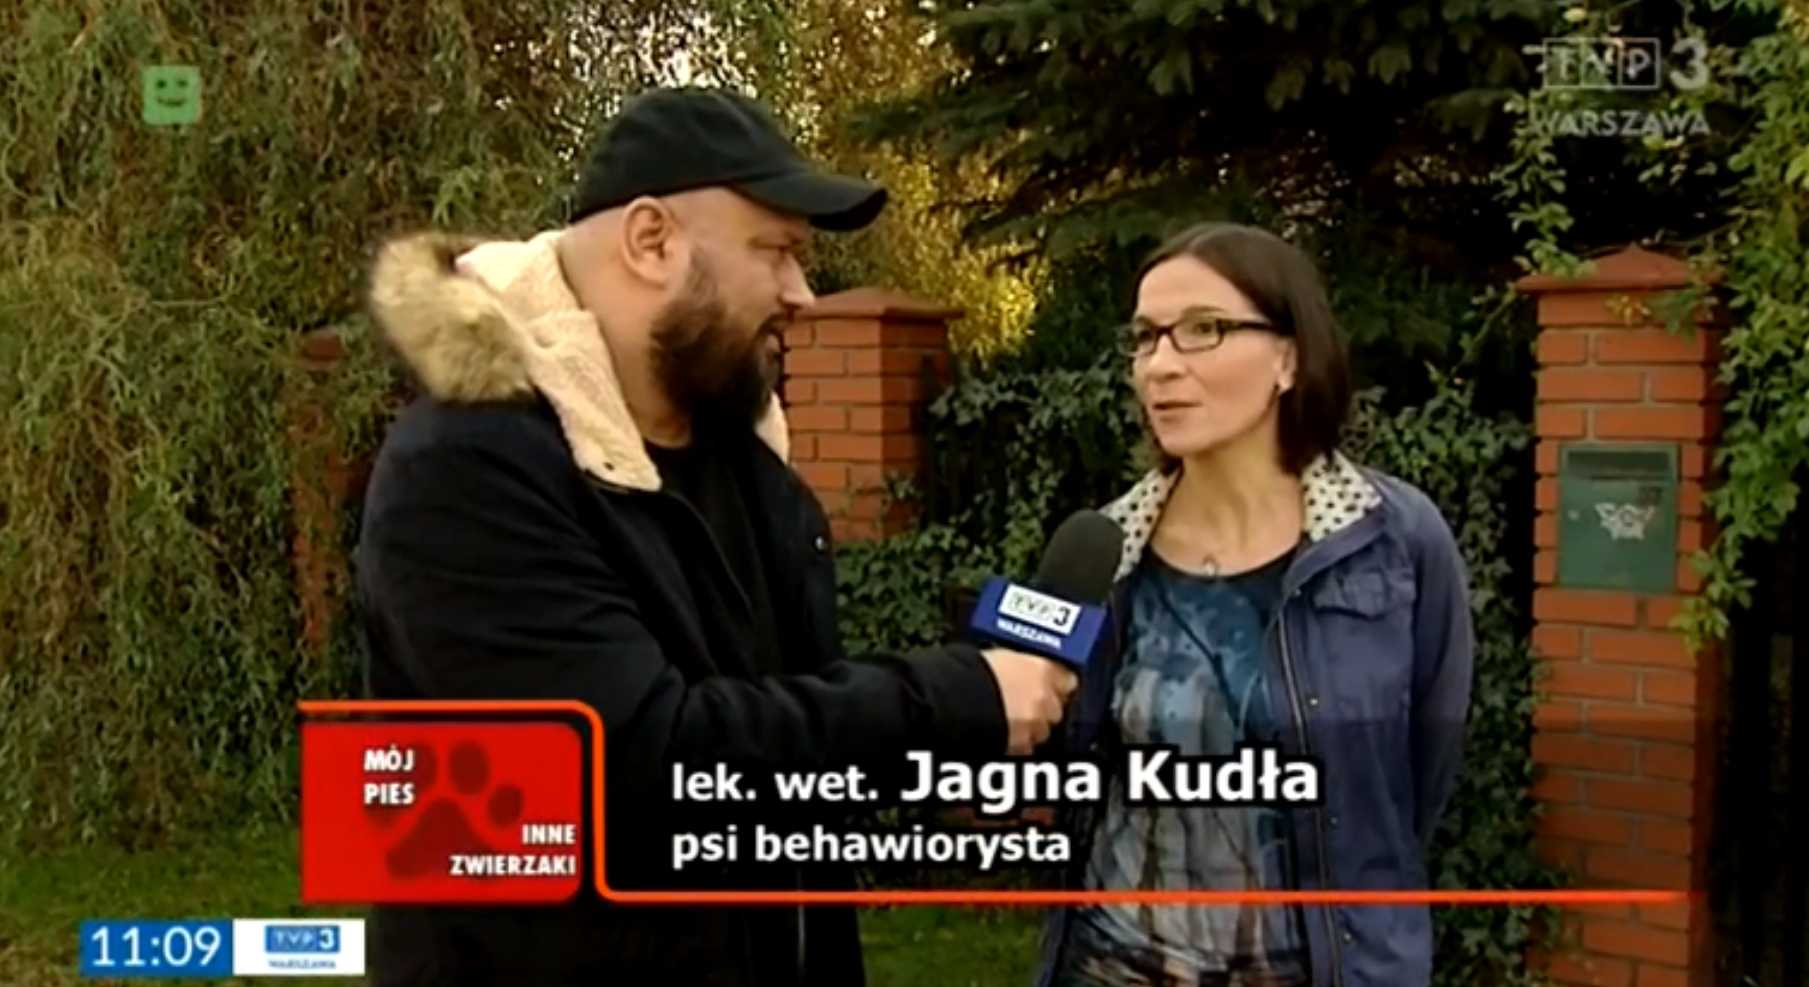 dr n. wet. Jagna Kudła wywiad w TVP3 o tym dlaczego psy wyją i jak temu zapobiec